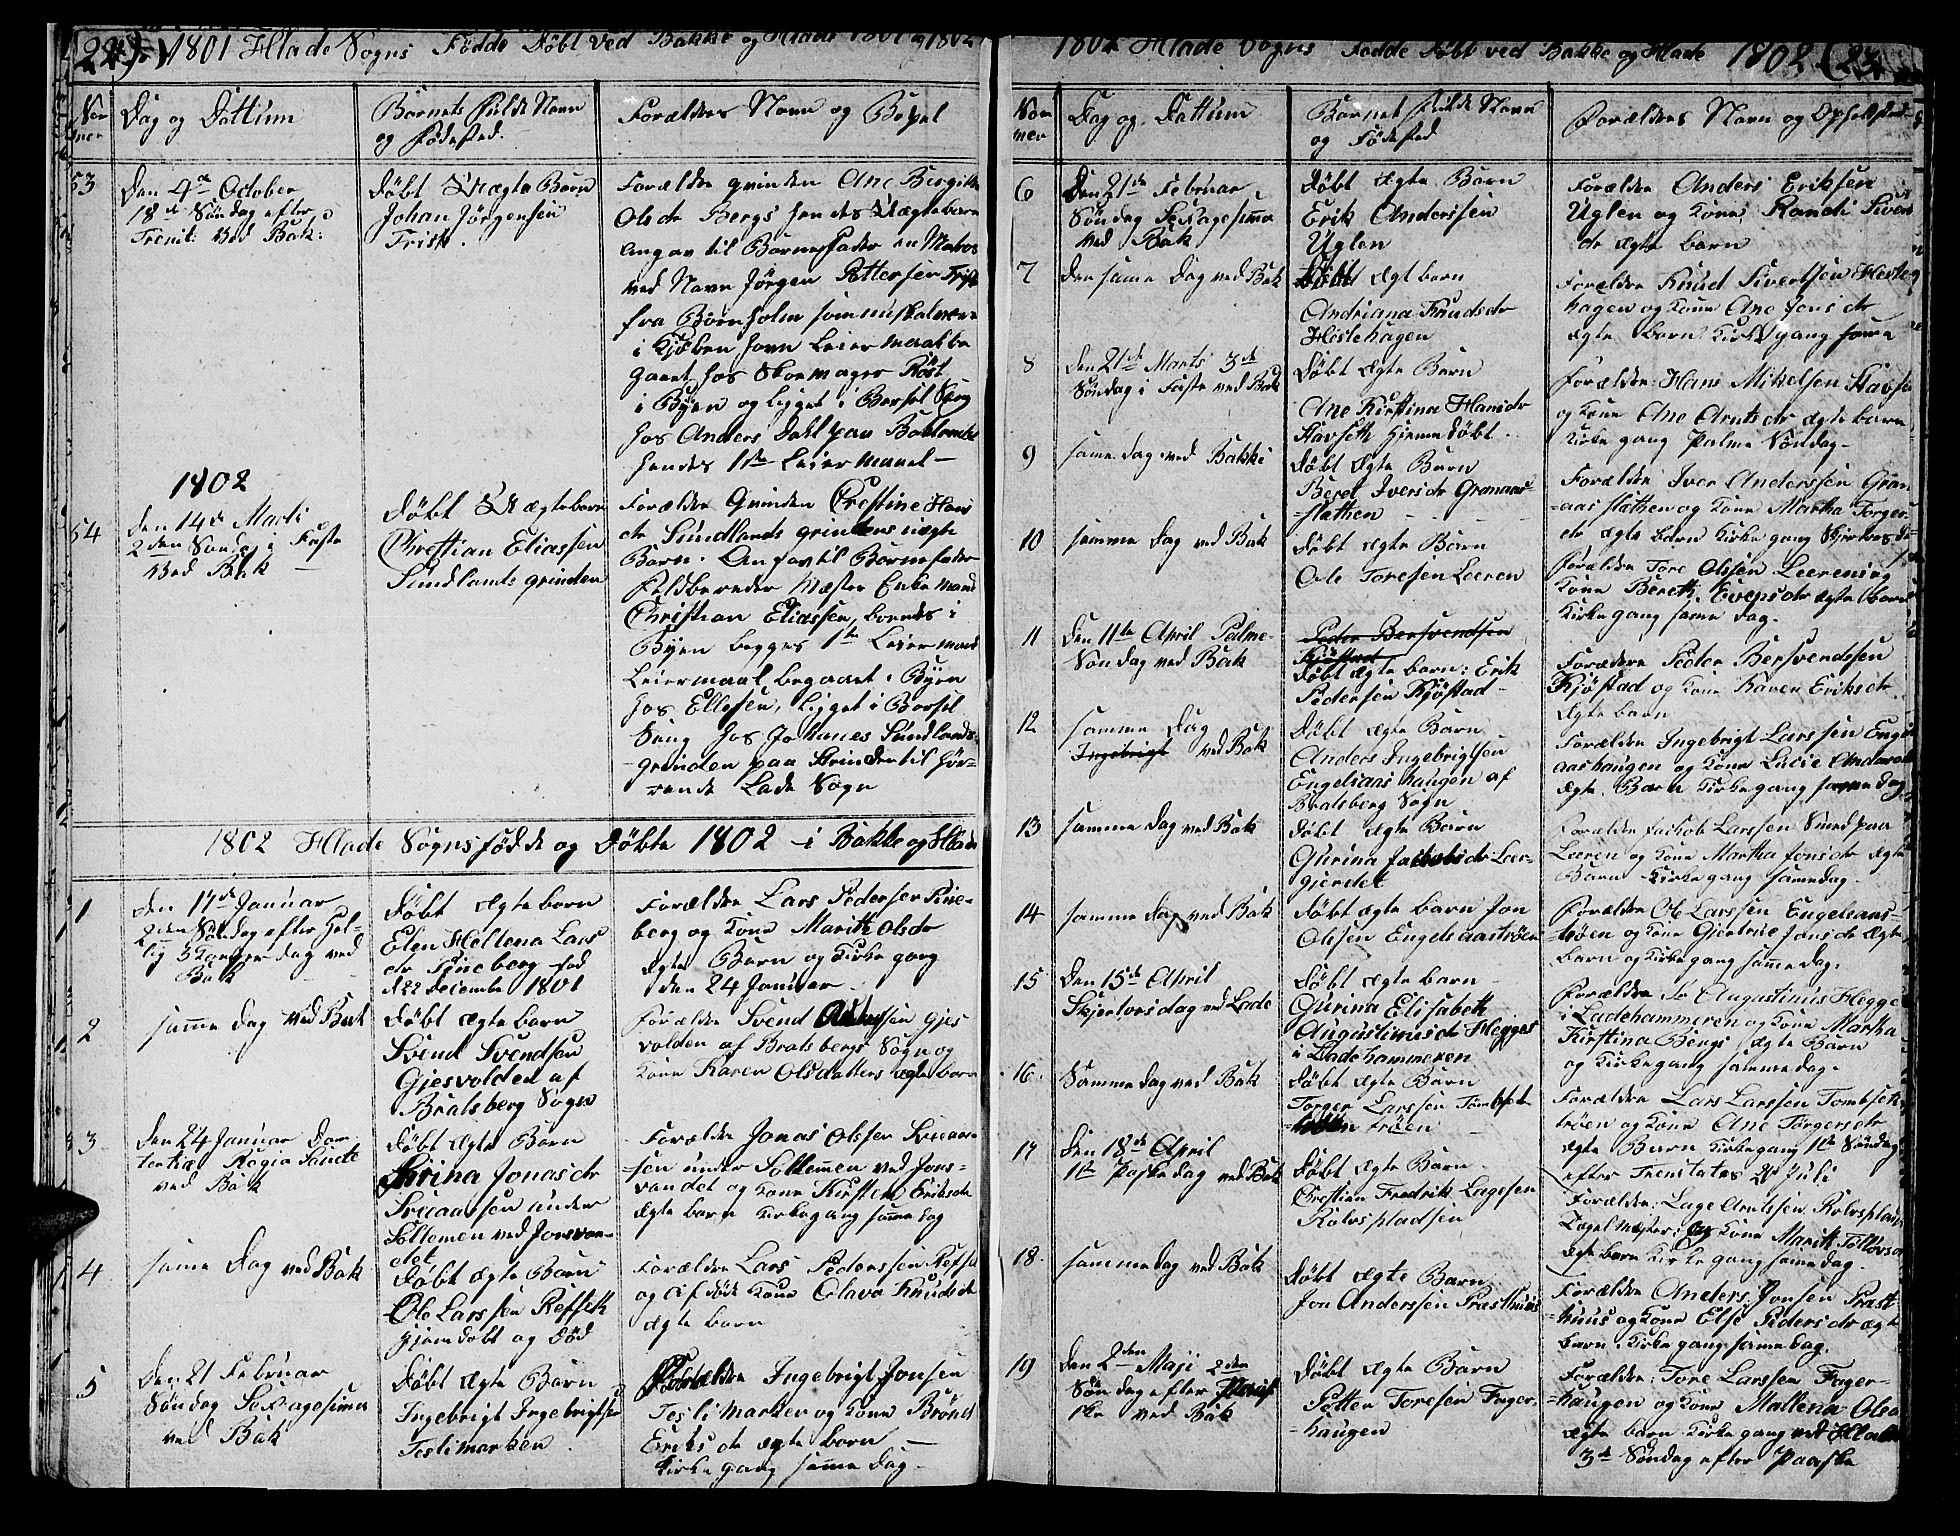 SAT, Ministerialprotokoller, klokkerbøker og fødselsregistre - Sør-Trøndelag, 606/L0306: Klokkerbok nr. 606C02, 1797-1829, s. 22-23